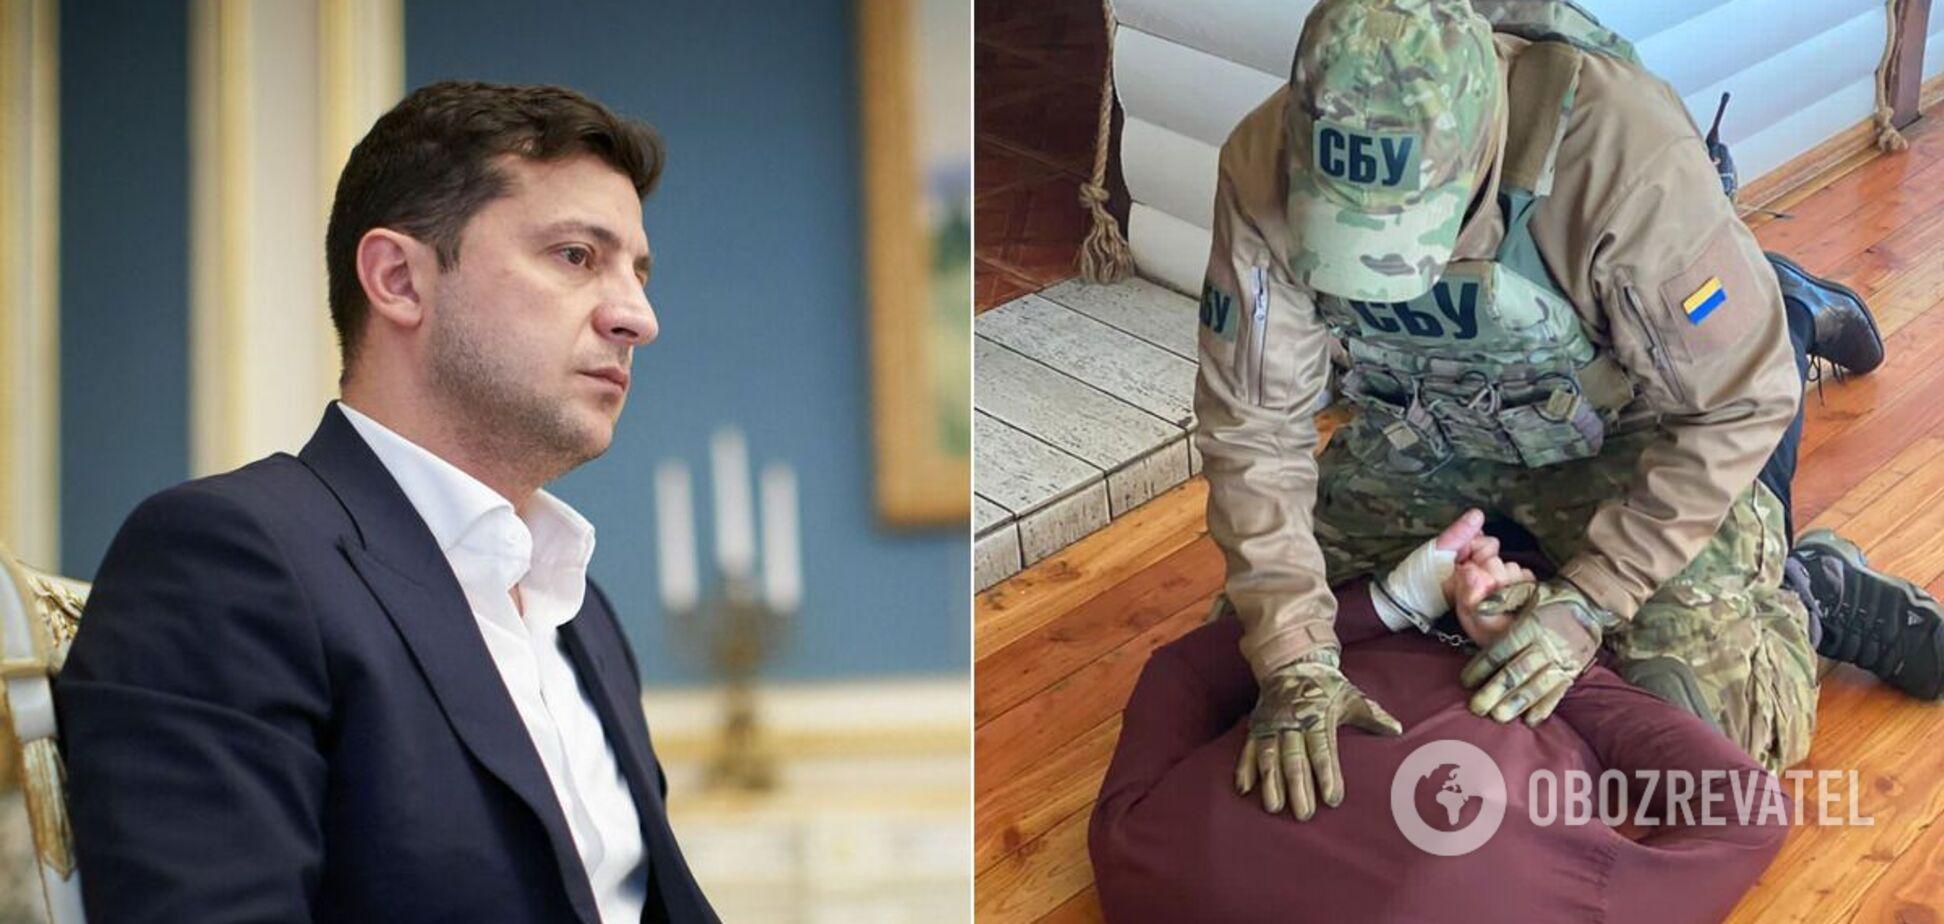 Главу ОТО на Закарпатье поймали на взятке: реакция Офиса президента